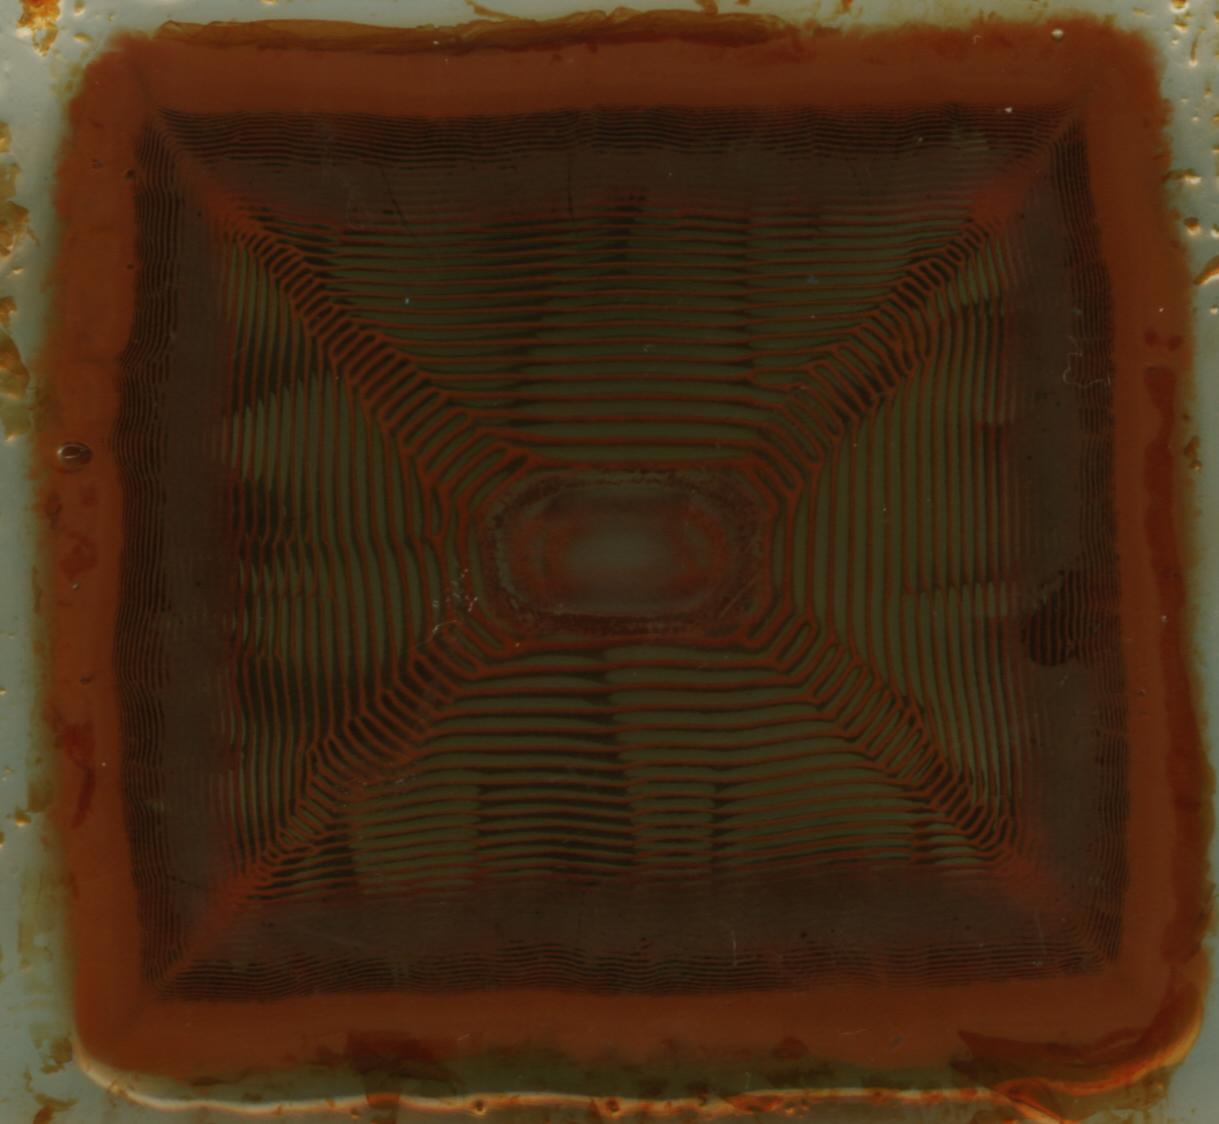 Кольца Лизеганга в желатиновом геле. Liesegang rings